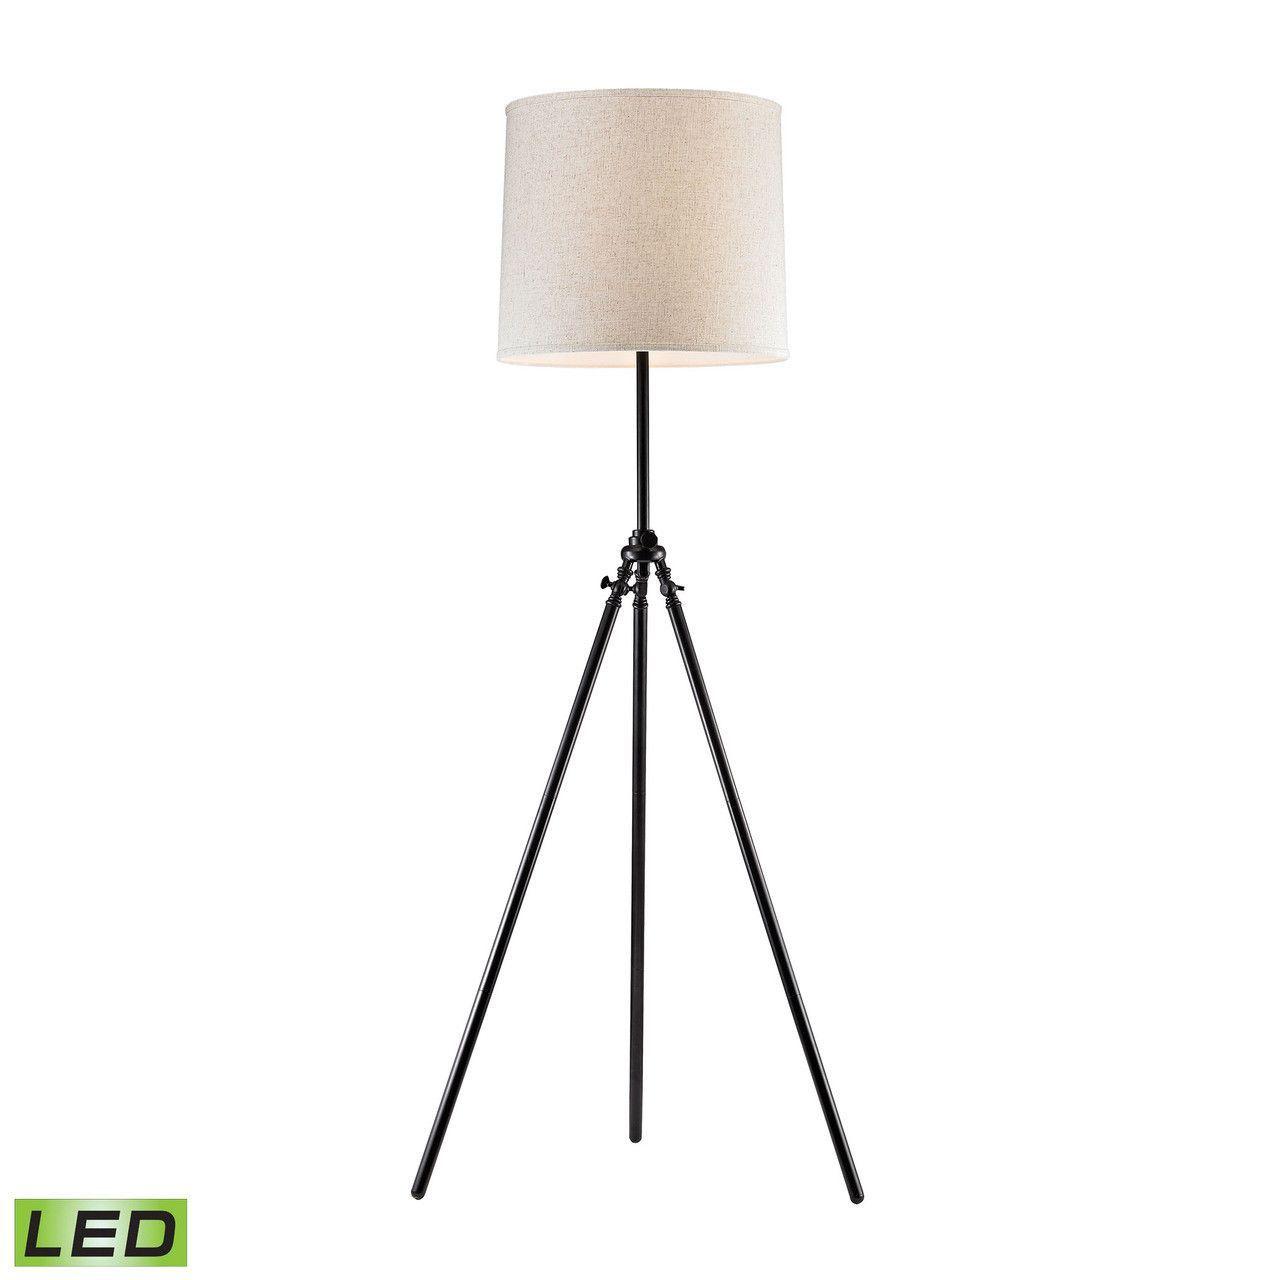 Stick Leg LED Tripod Lamp D2811-LED